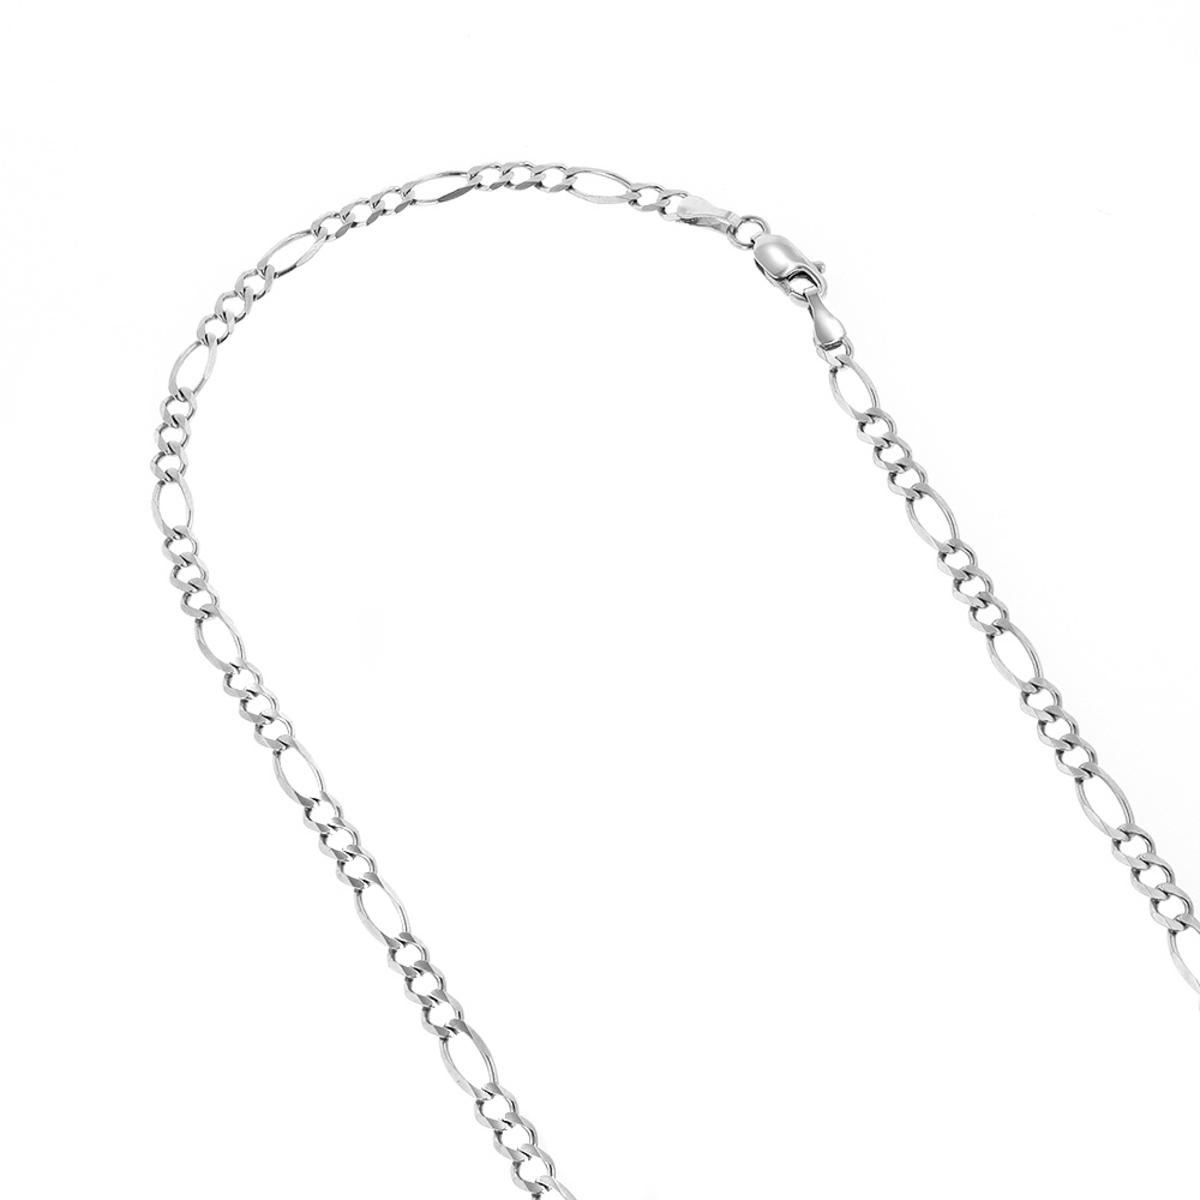 LUXURMAN Solid 14k Gold Figaro Chain For Men & Women 2.6mm Wide